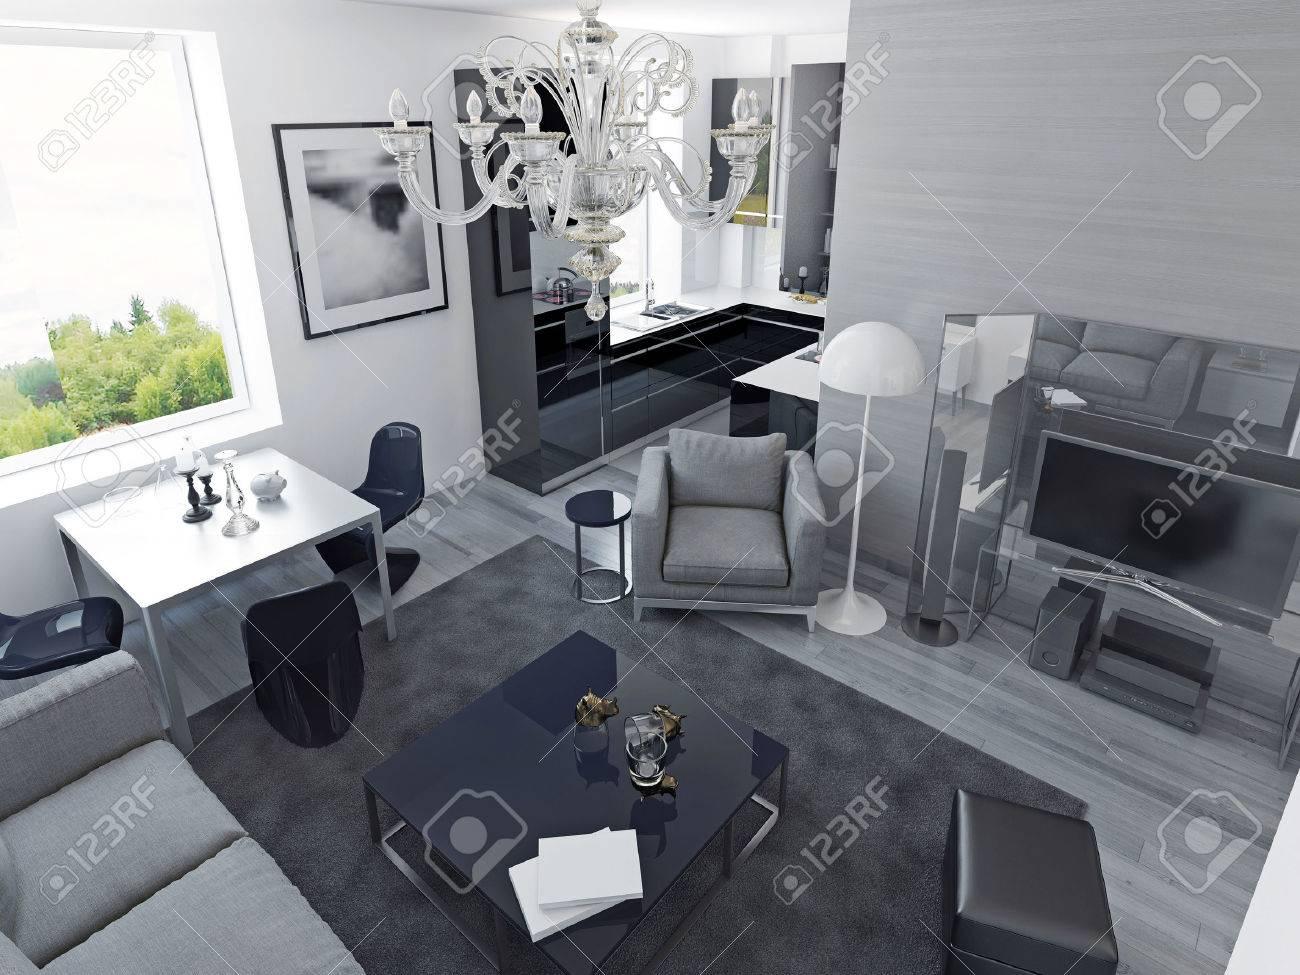 Appartements de luxe de style moderne. Salon studio avec salle à manger et  cuisine de couleur noire, coûteux centre des médias. 3D render